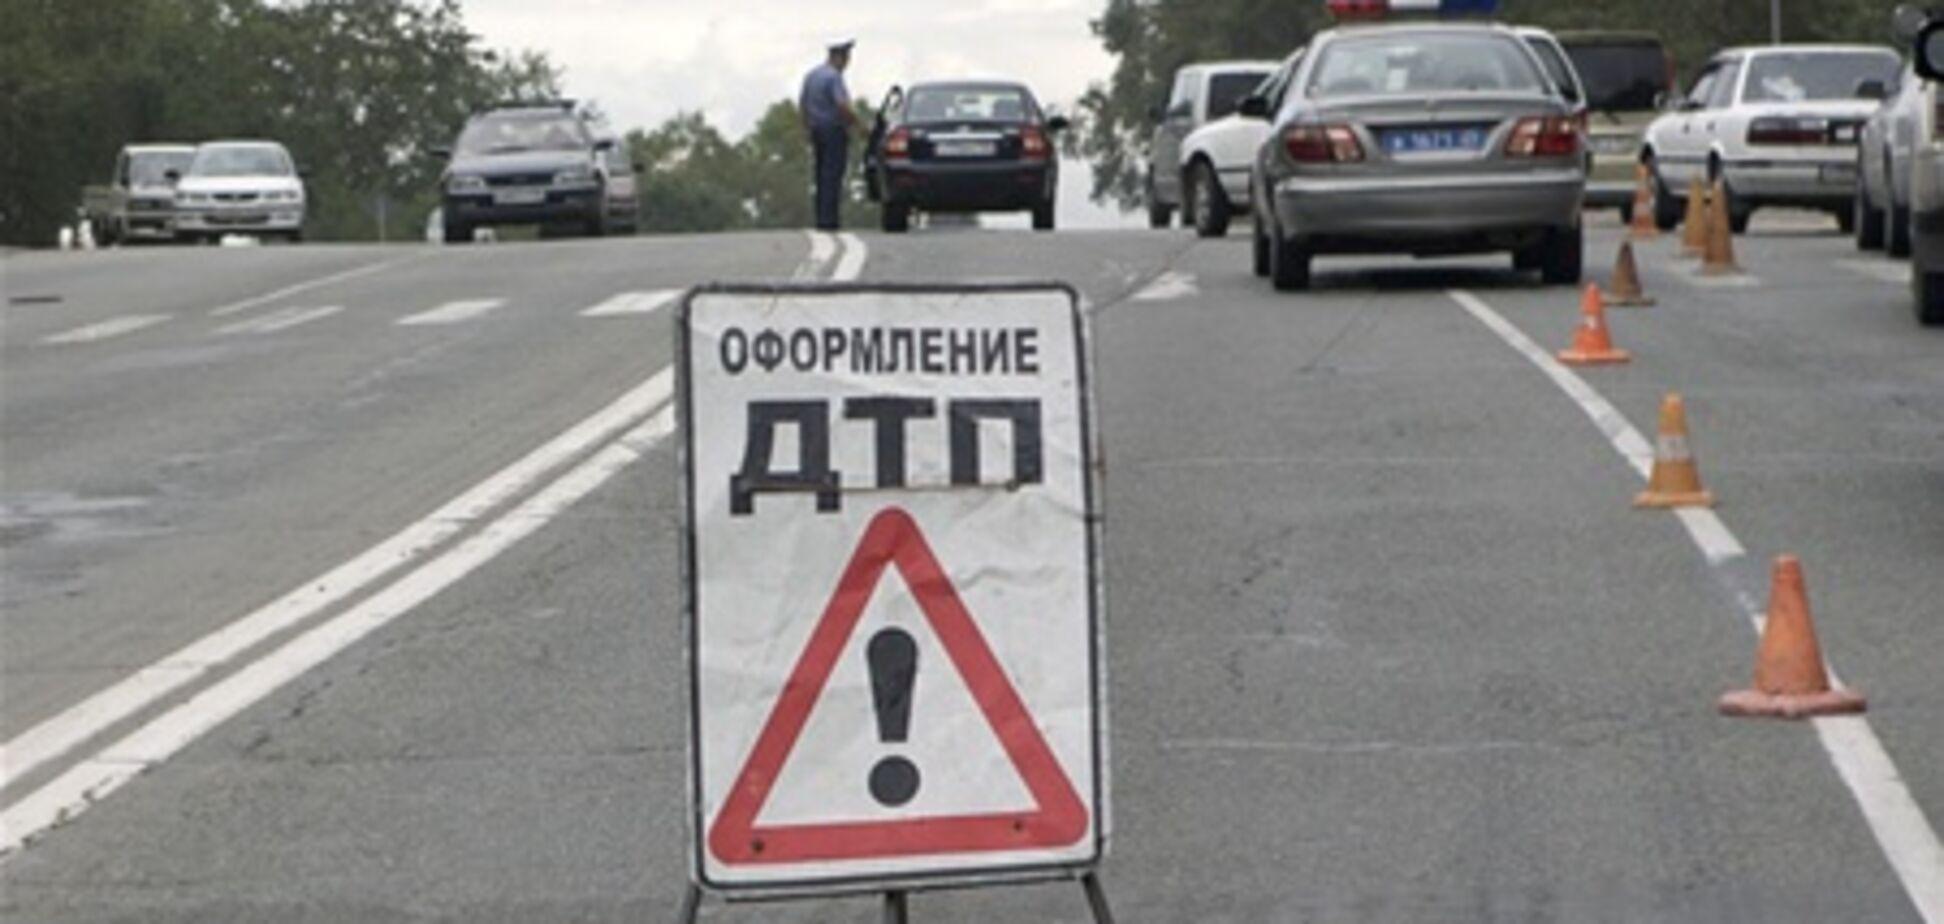 Ситуация на дорогах: 109 ДТП, 14 погибших